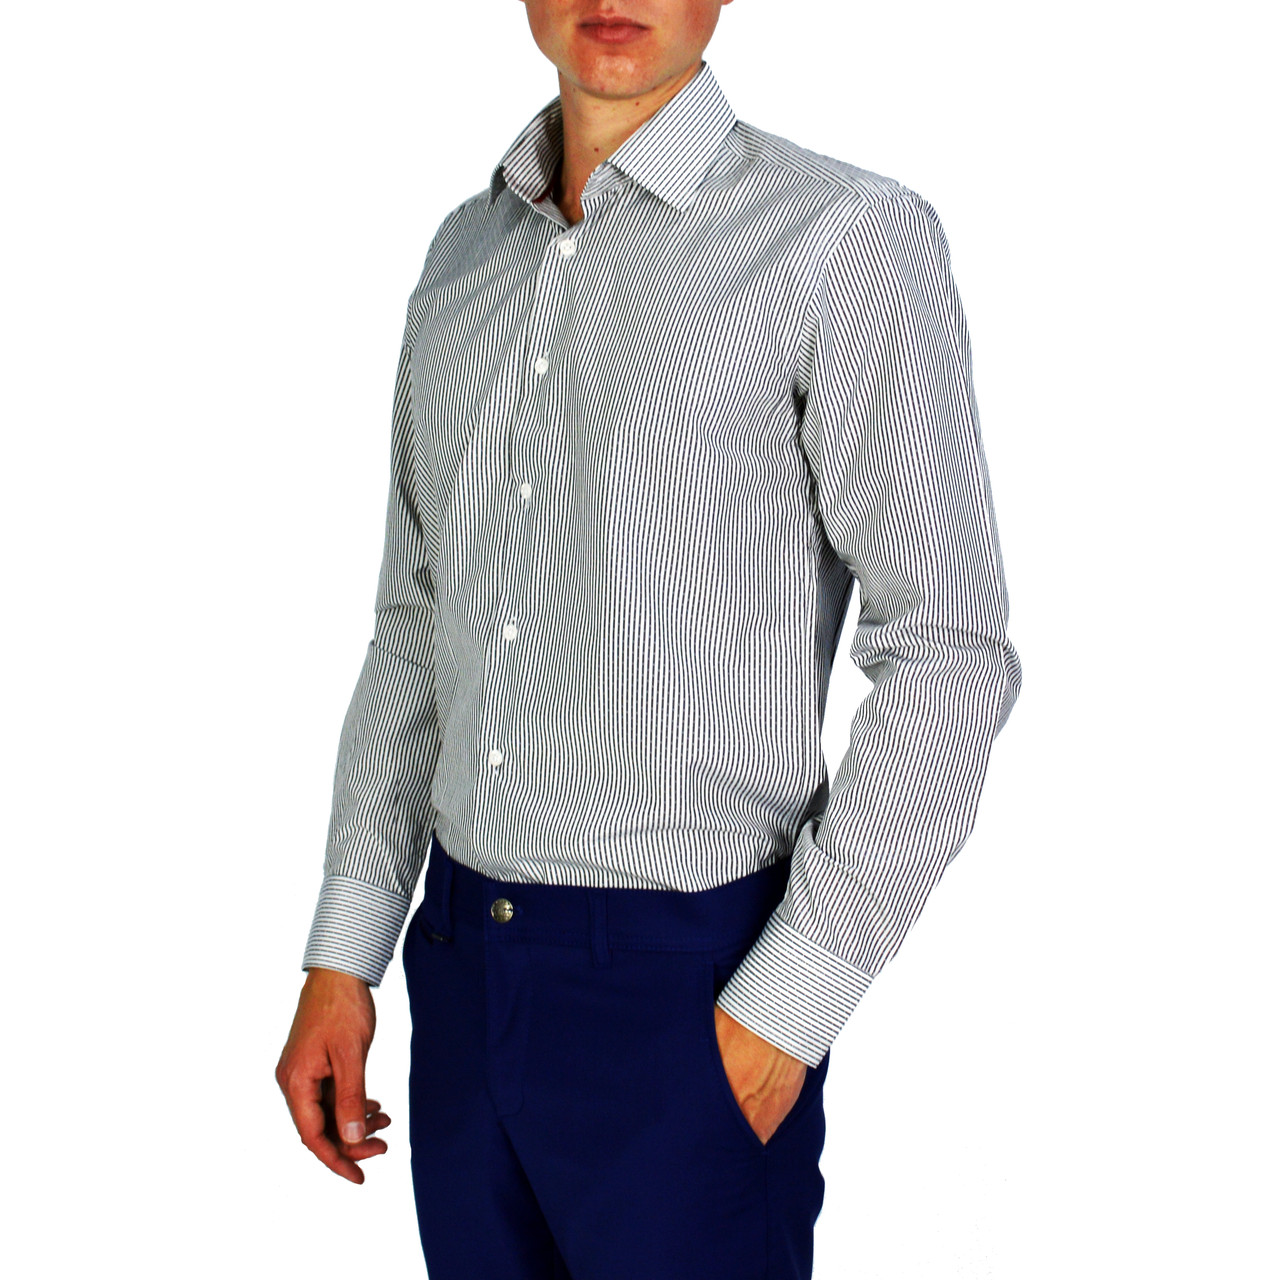 f1964c923ea Полосатая мужская рубашка классическая PALMEN  продажа